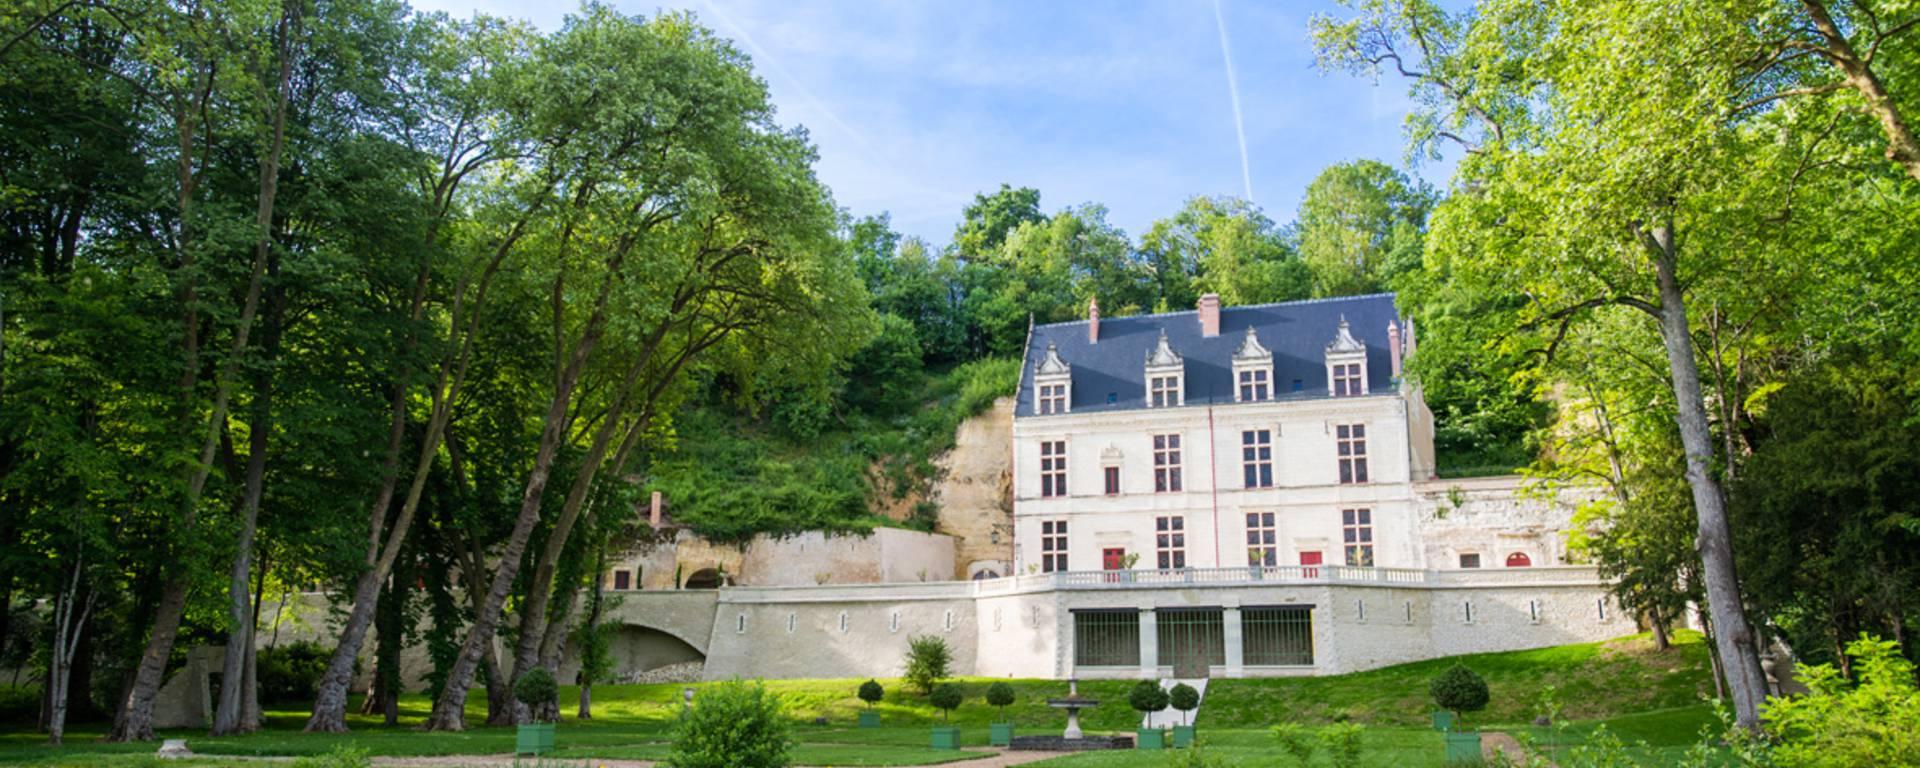 Vista esterna del castello Gaillard © OTBC